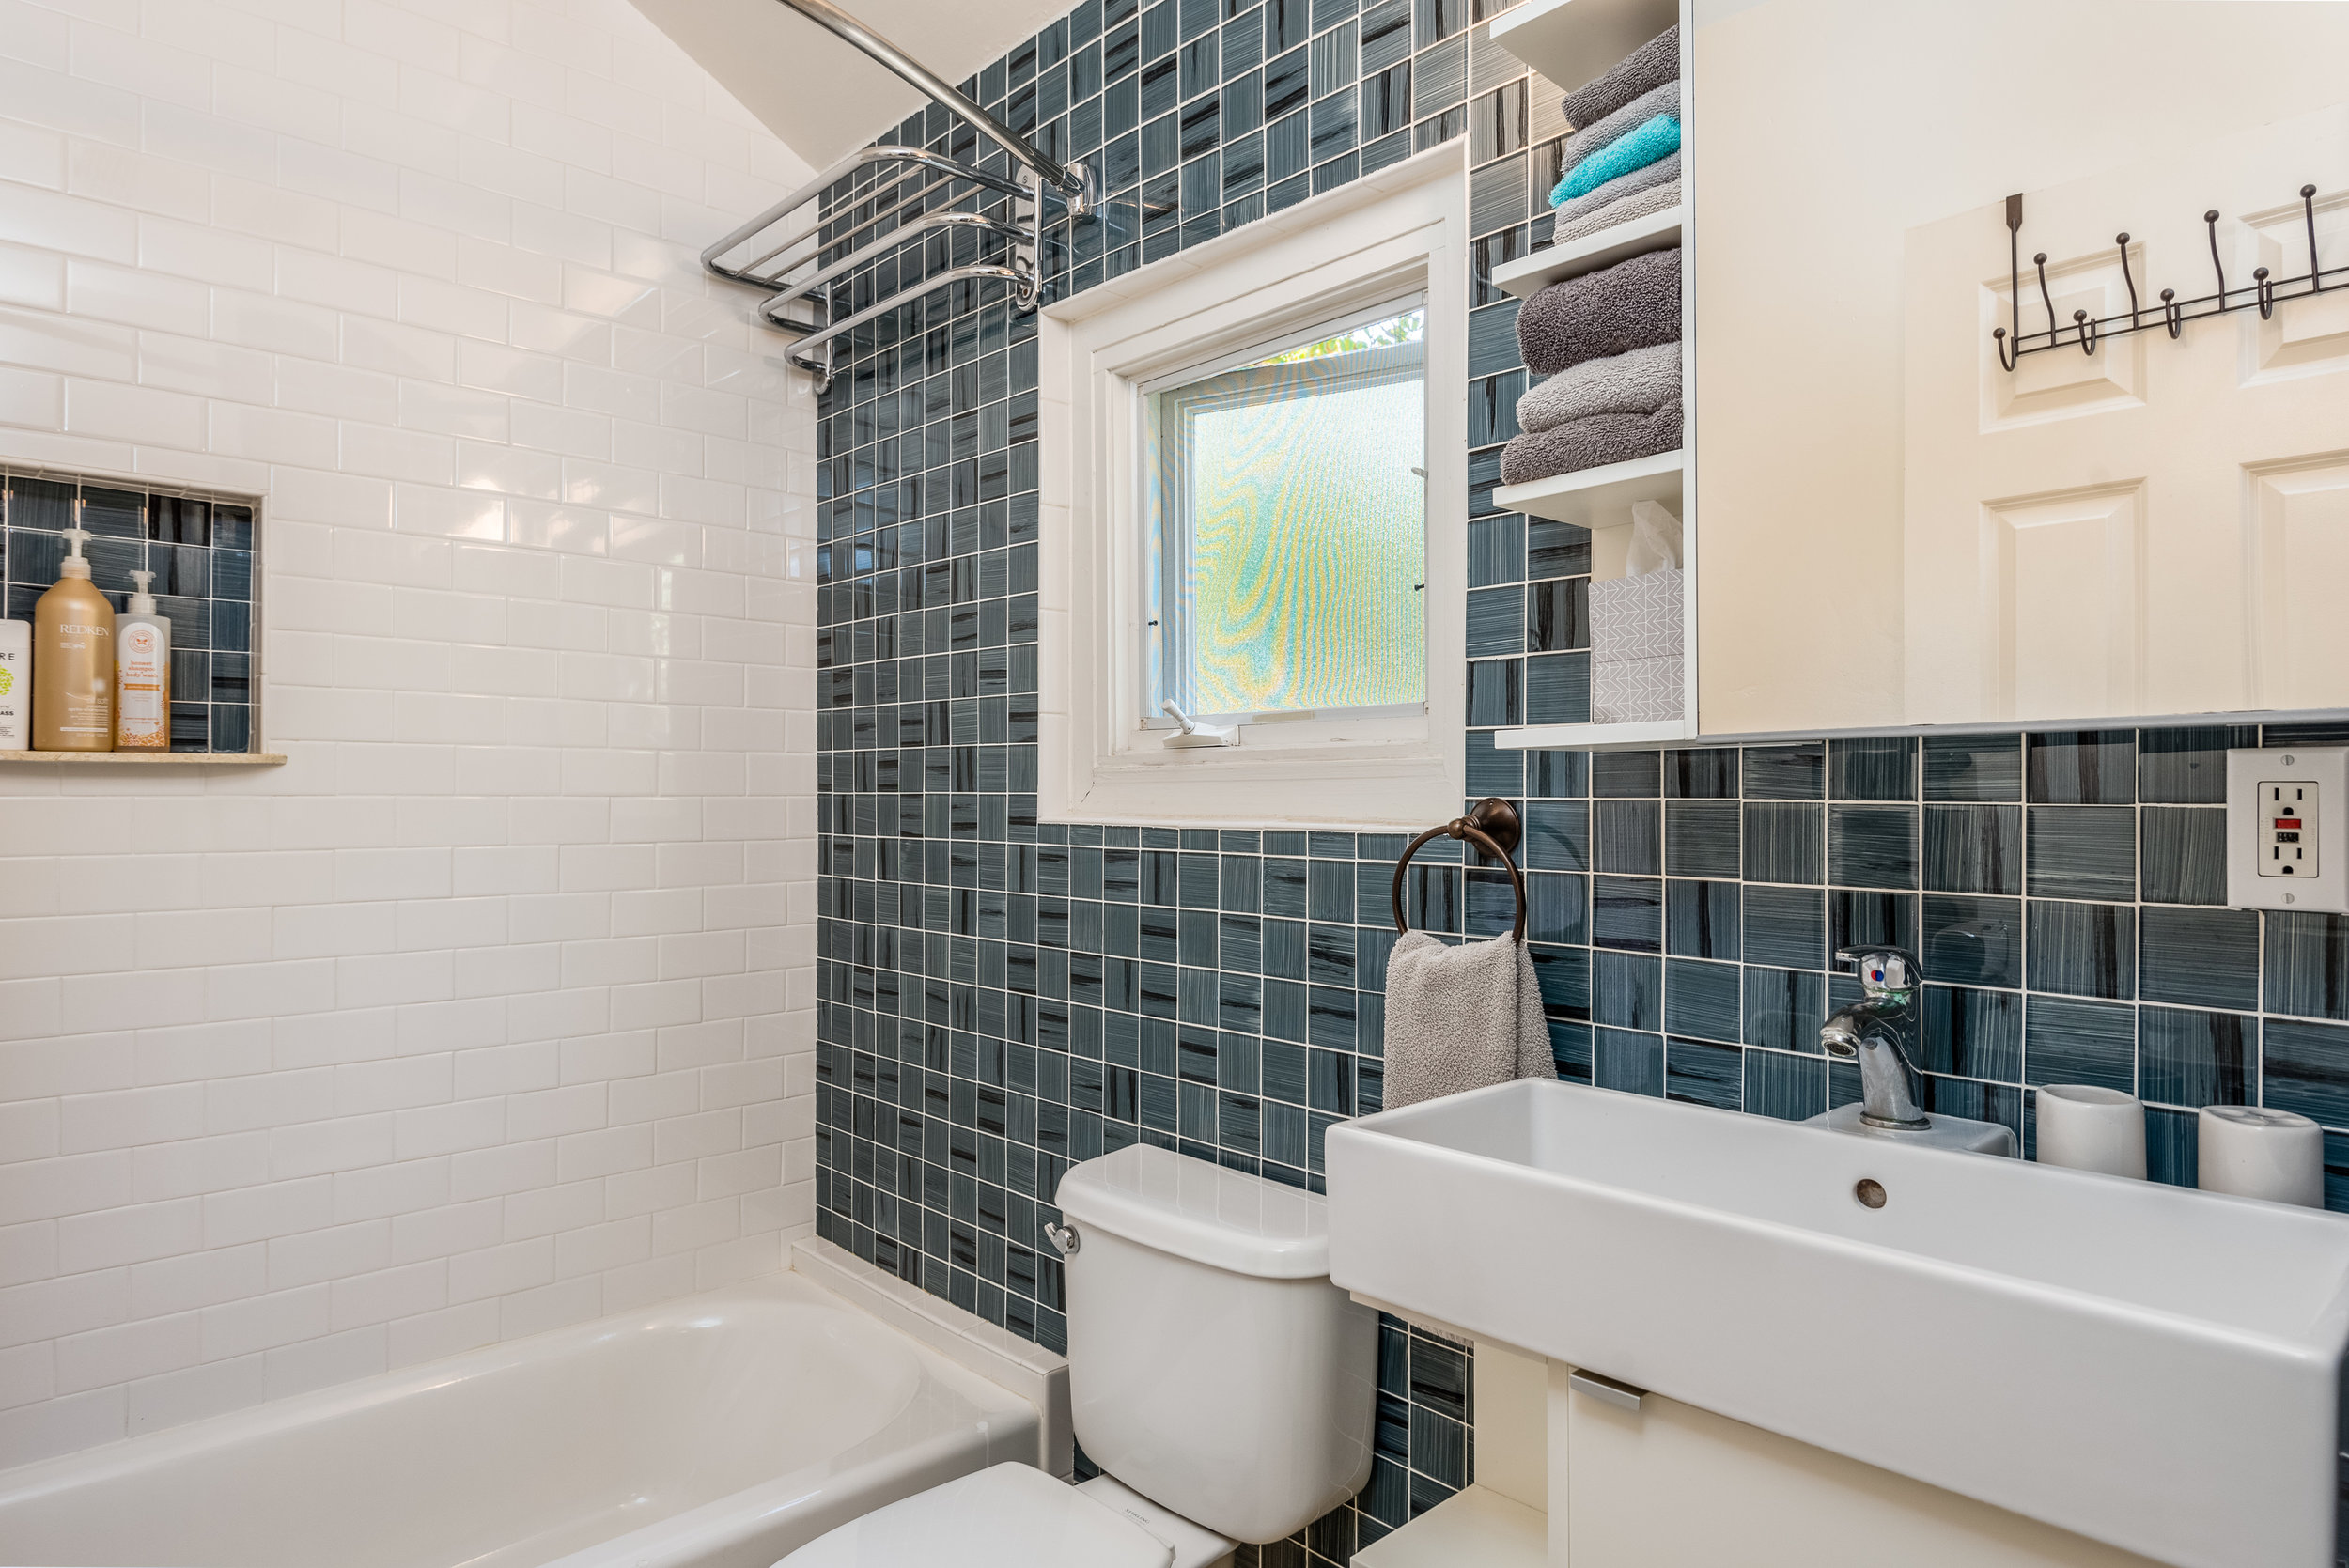 27-Guest Unit Bathroom.jpg